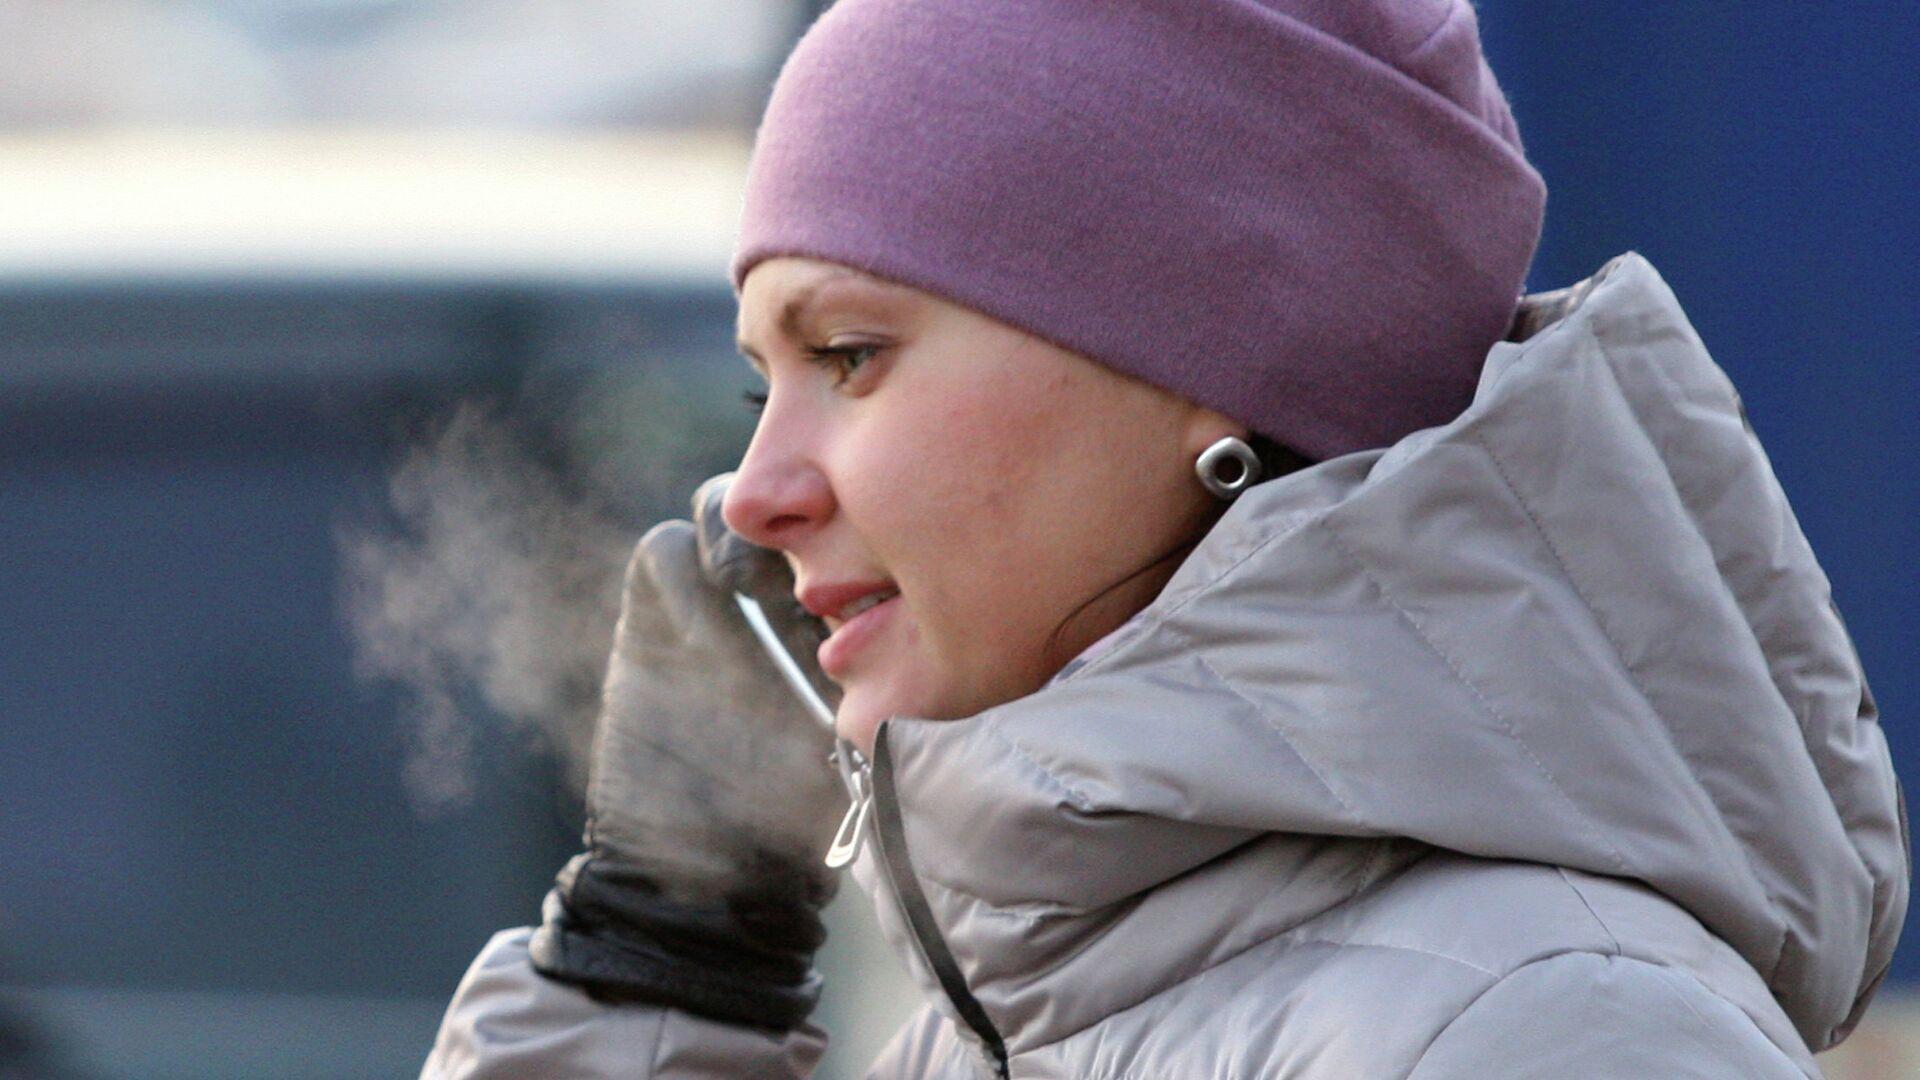 Девушка говорит по телефону в мороз на остановке автобуса в Новосибирске - РИА Новости, 1920, 05.12.2020